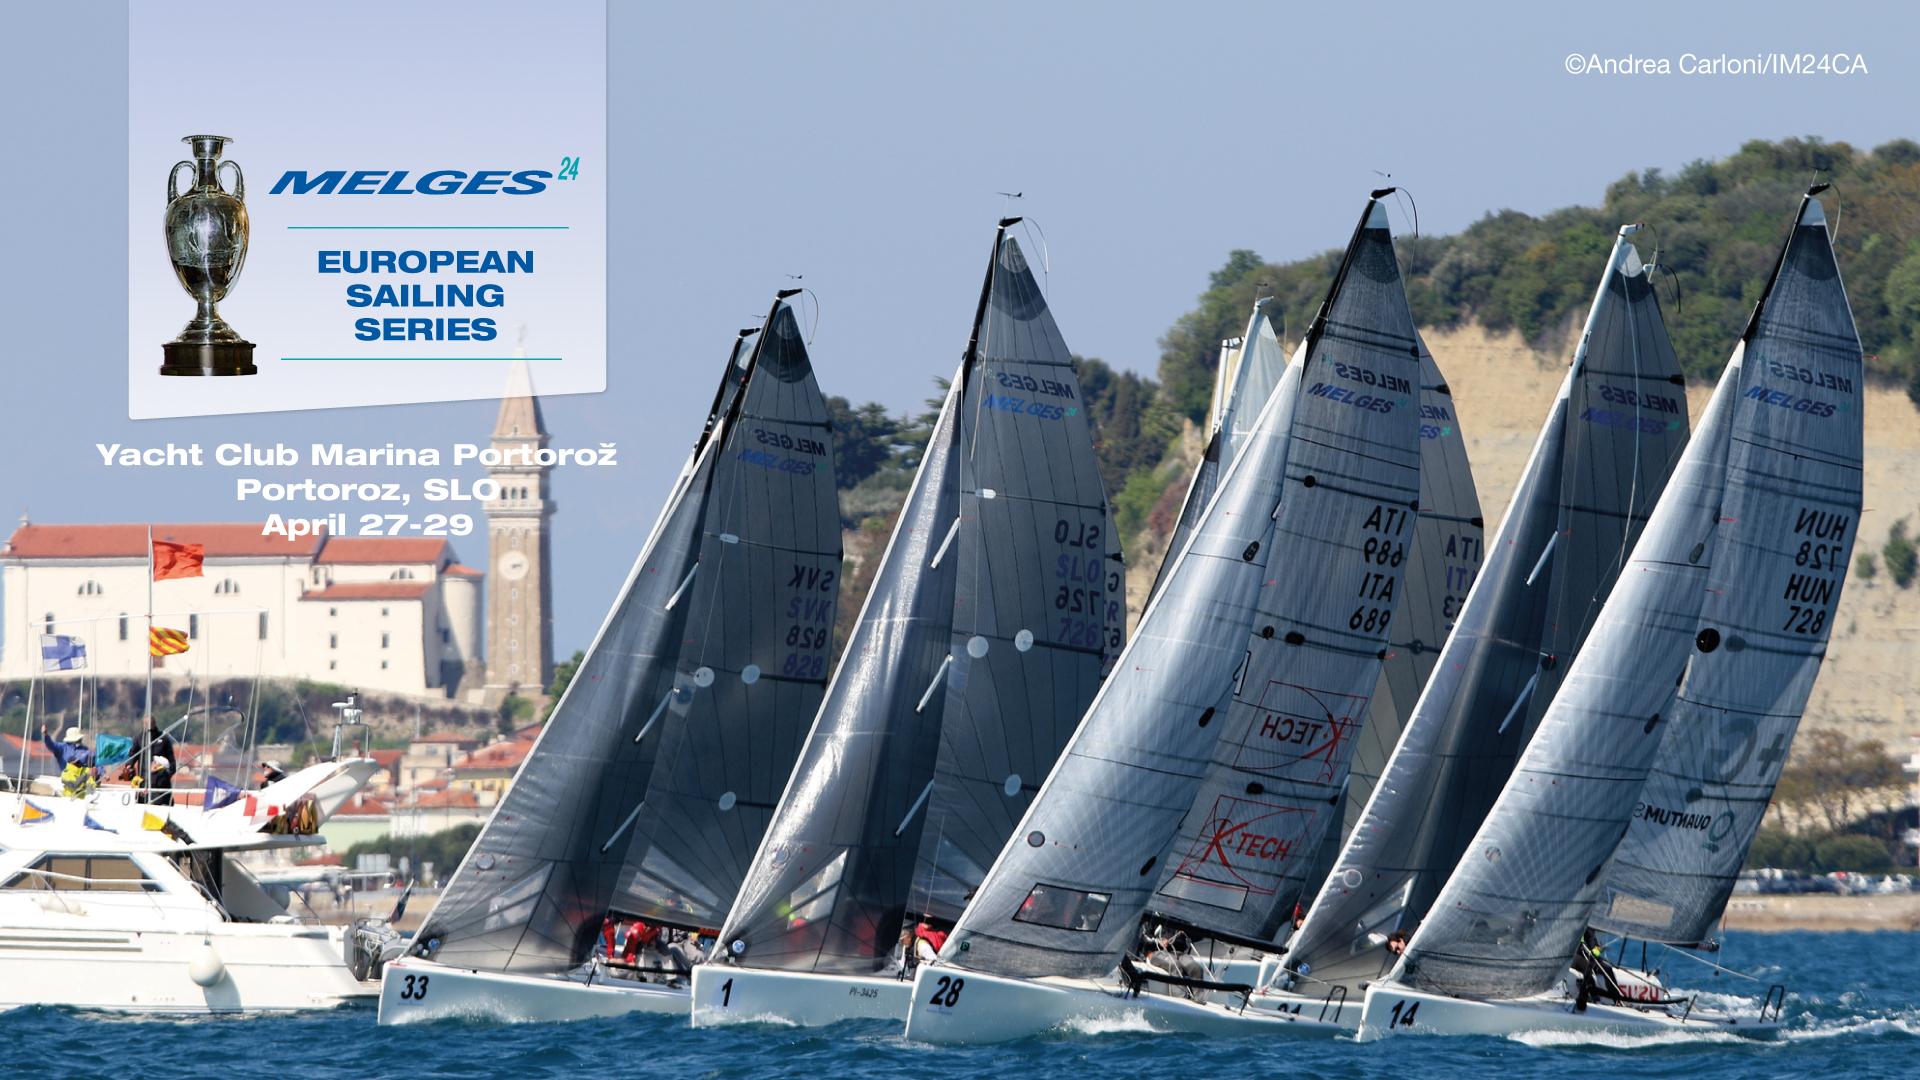 077a71c6f1a68d 2018 Melges 24 European Sailing Series  Marina Portorož Melges 24 ...